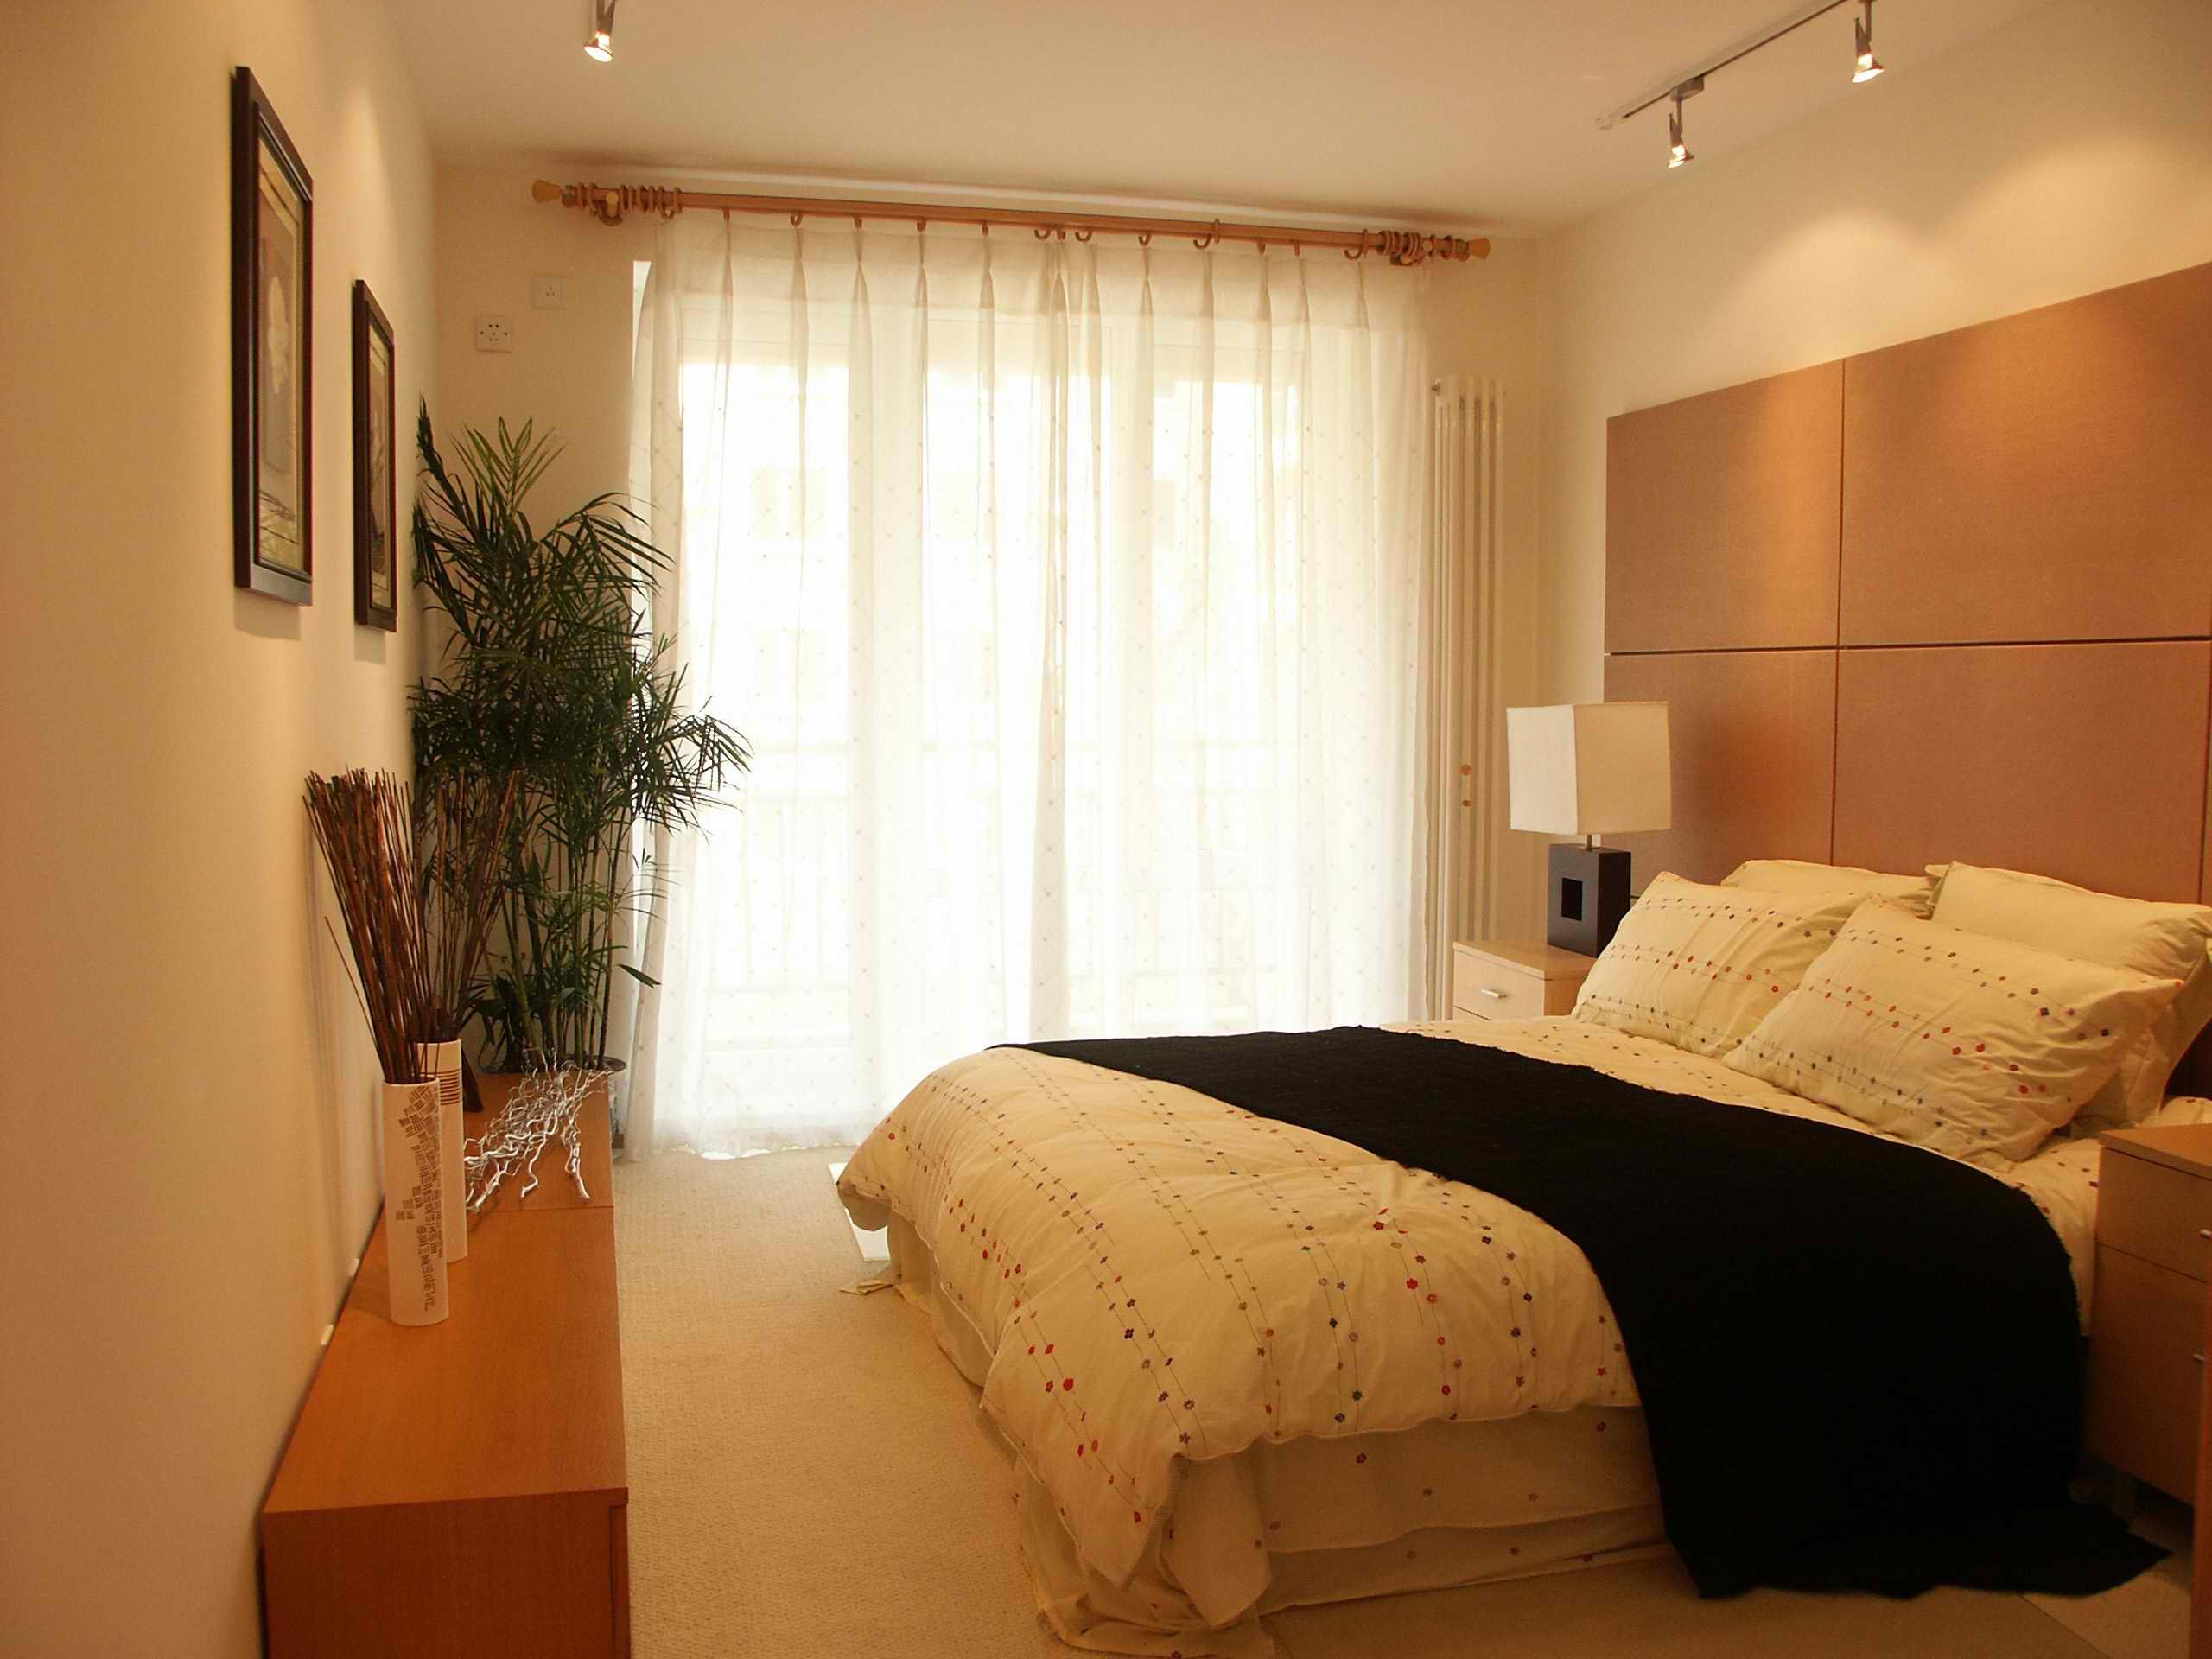 三居室 180㎡ 卧室装修效果图 现代简约 98平米二居室装